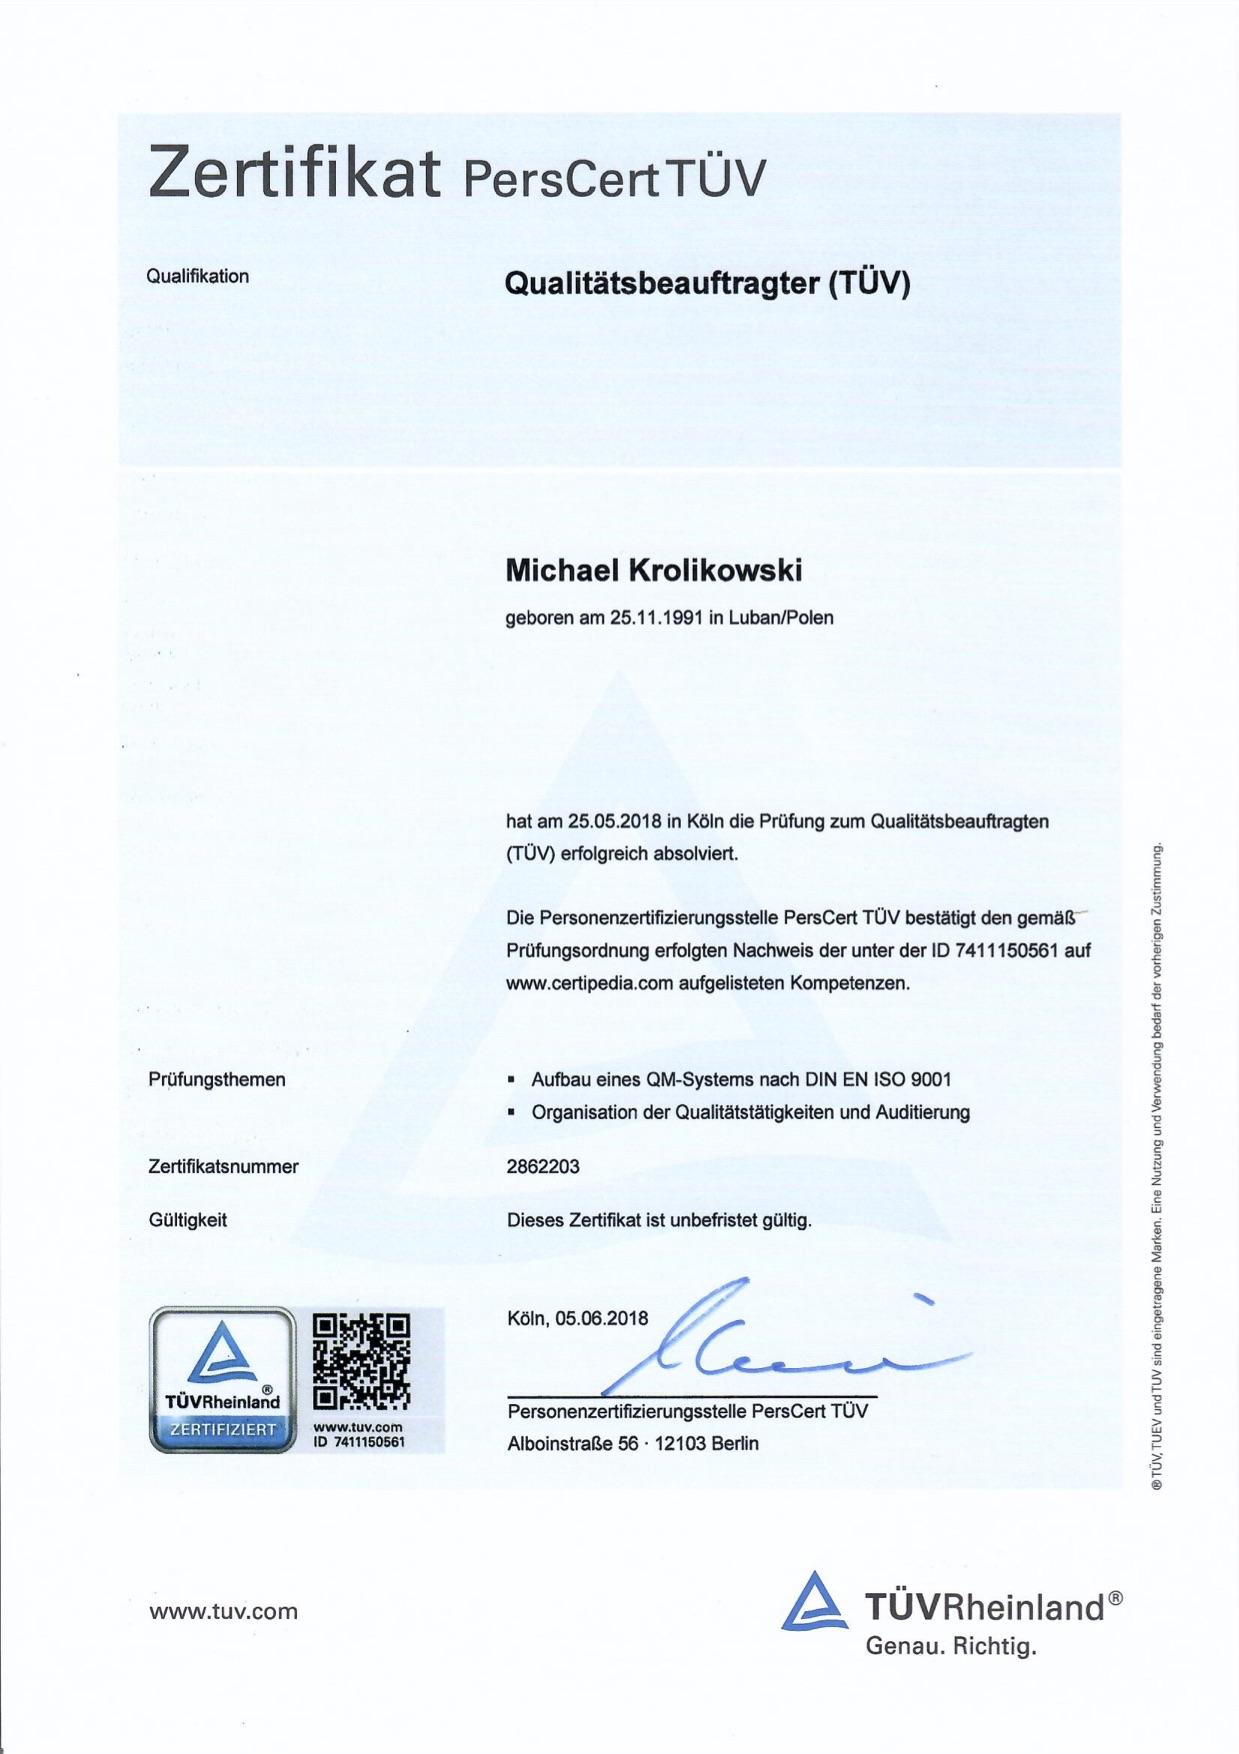 TÜV Zertifikat Qualitätsbeauftragter